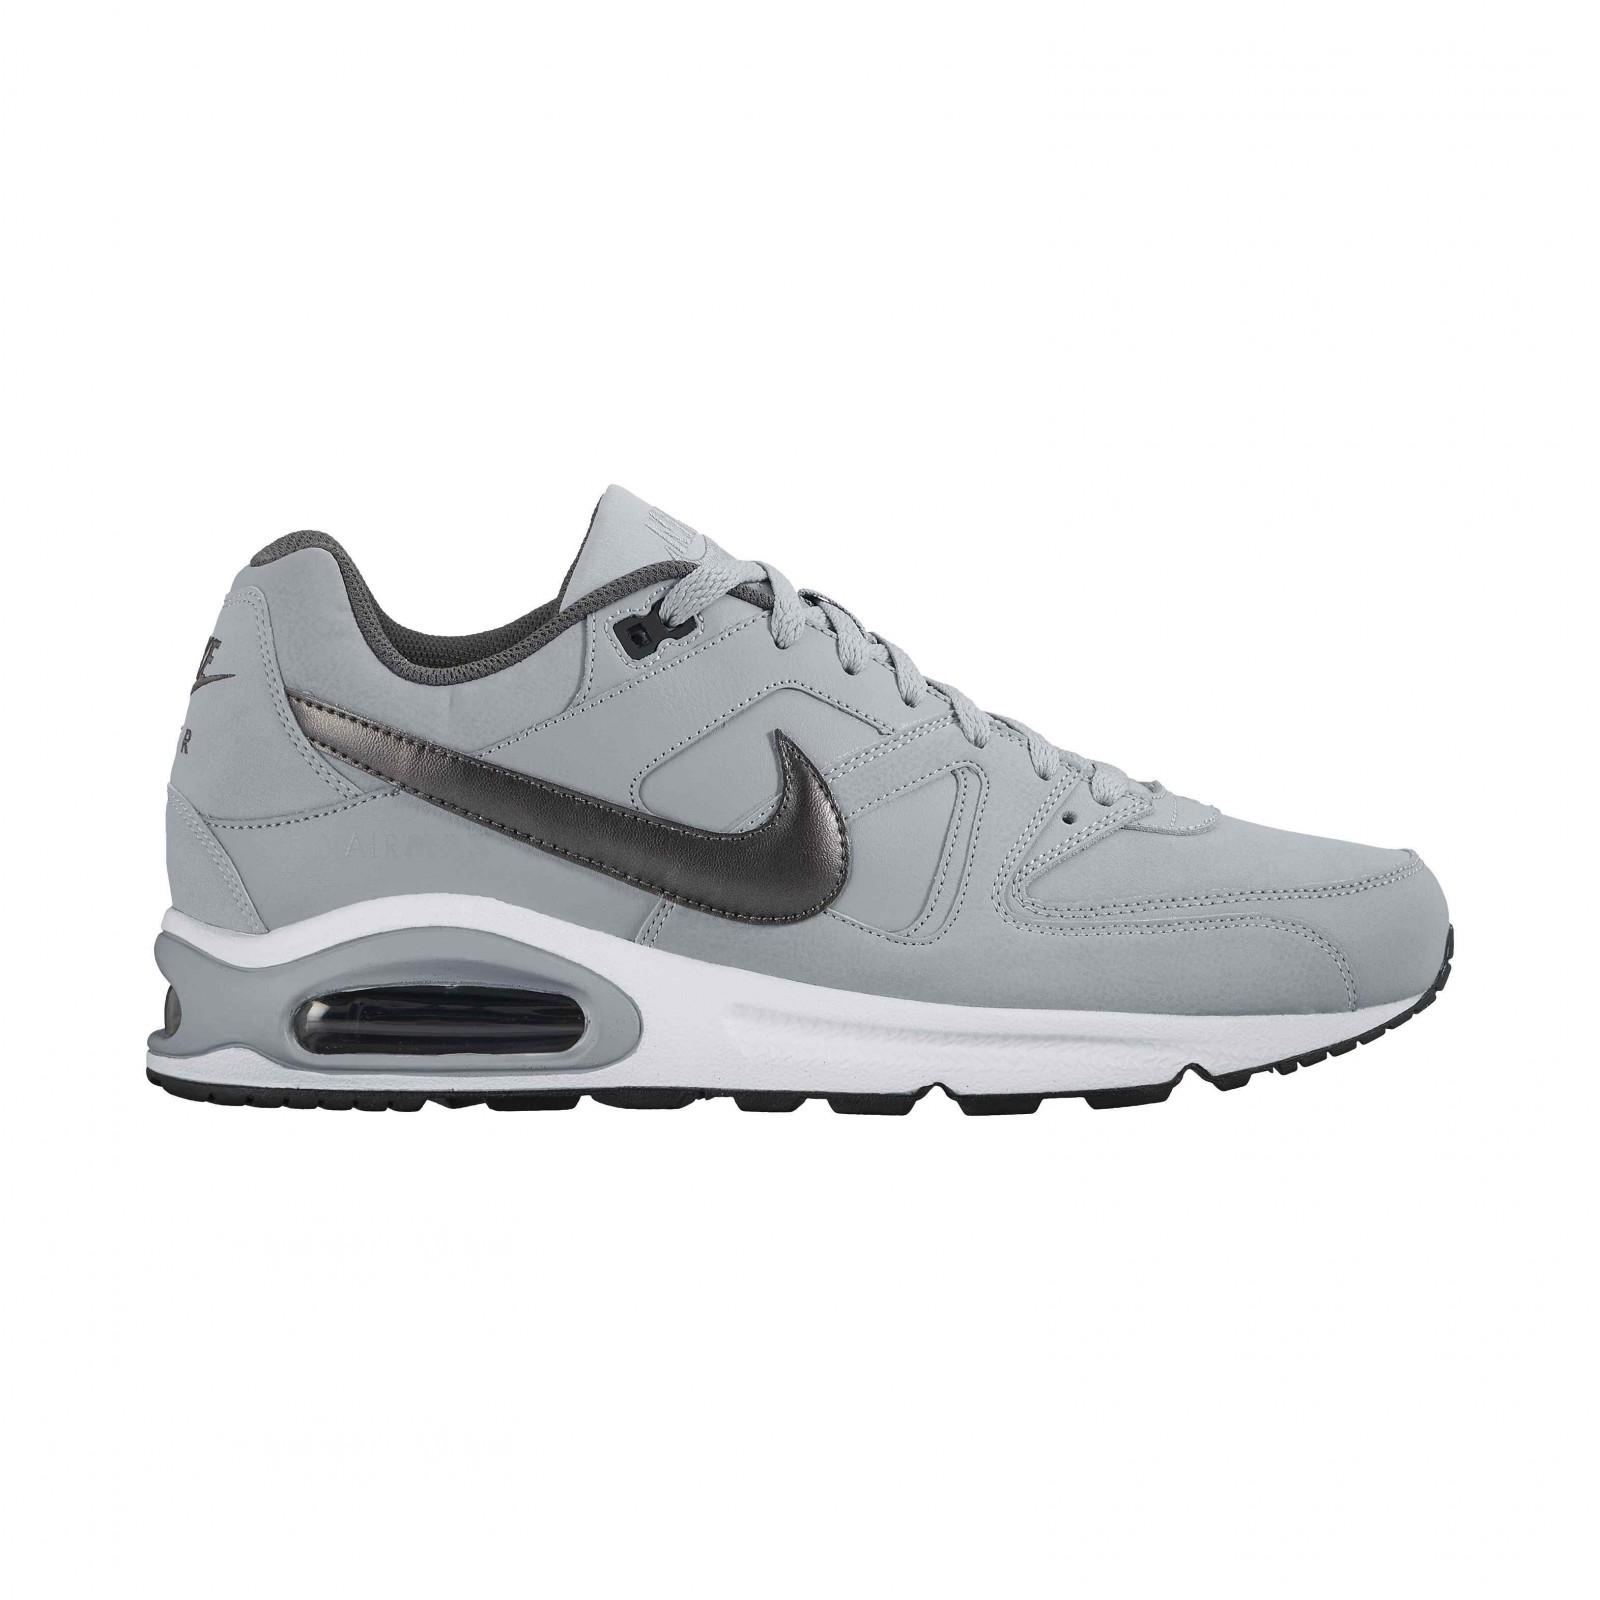 Pánské Tenisky Nike AIR MAX COMMAND LEATHER  cbdac2d3c8